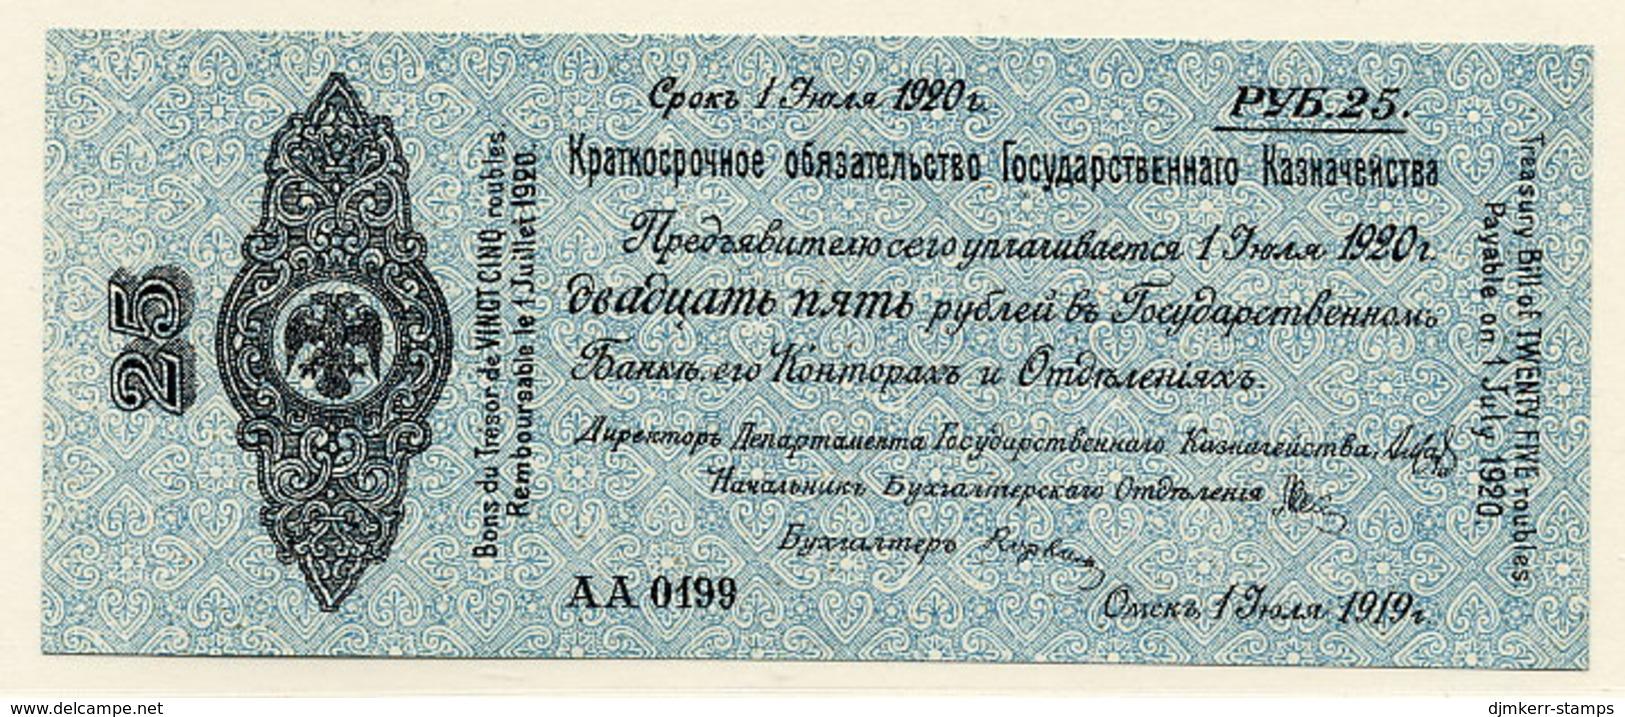 SIBERIA & URALS (Omsk) July 1919 25 Rubles  UNC  S864 - Russia